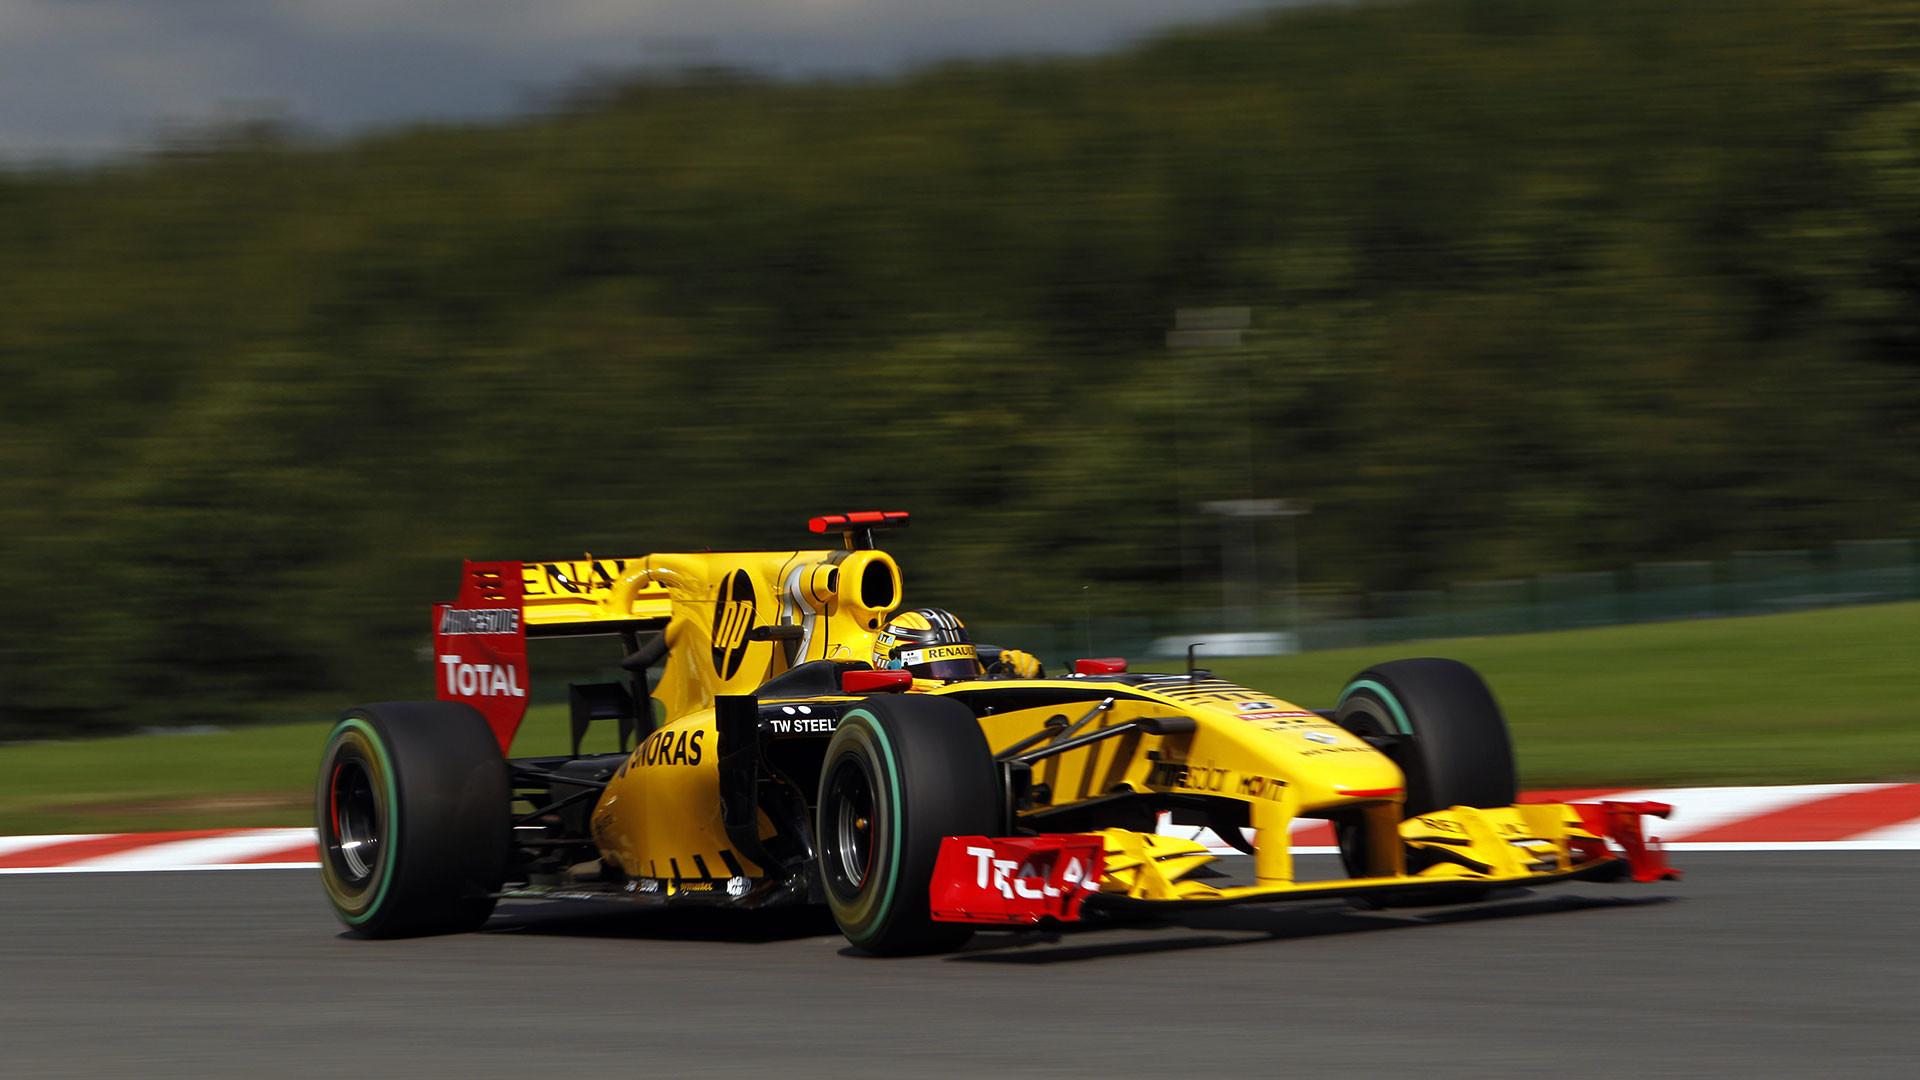 Robert Kubica, Renault R30 …